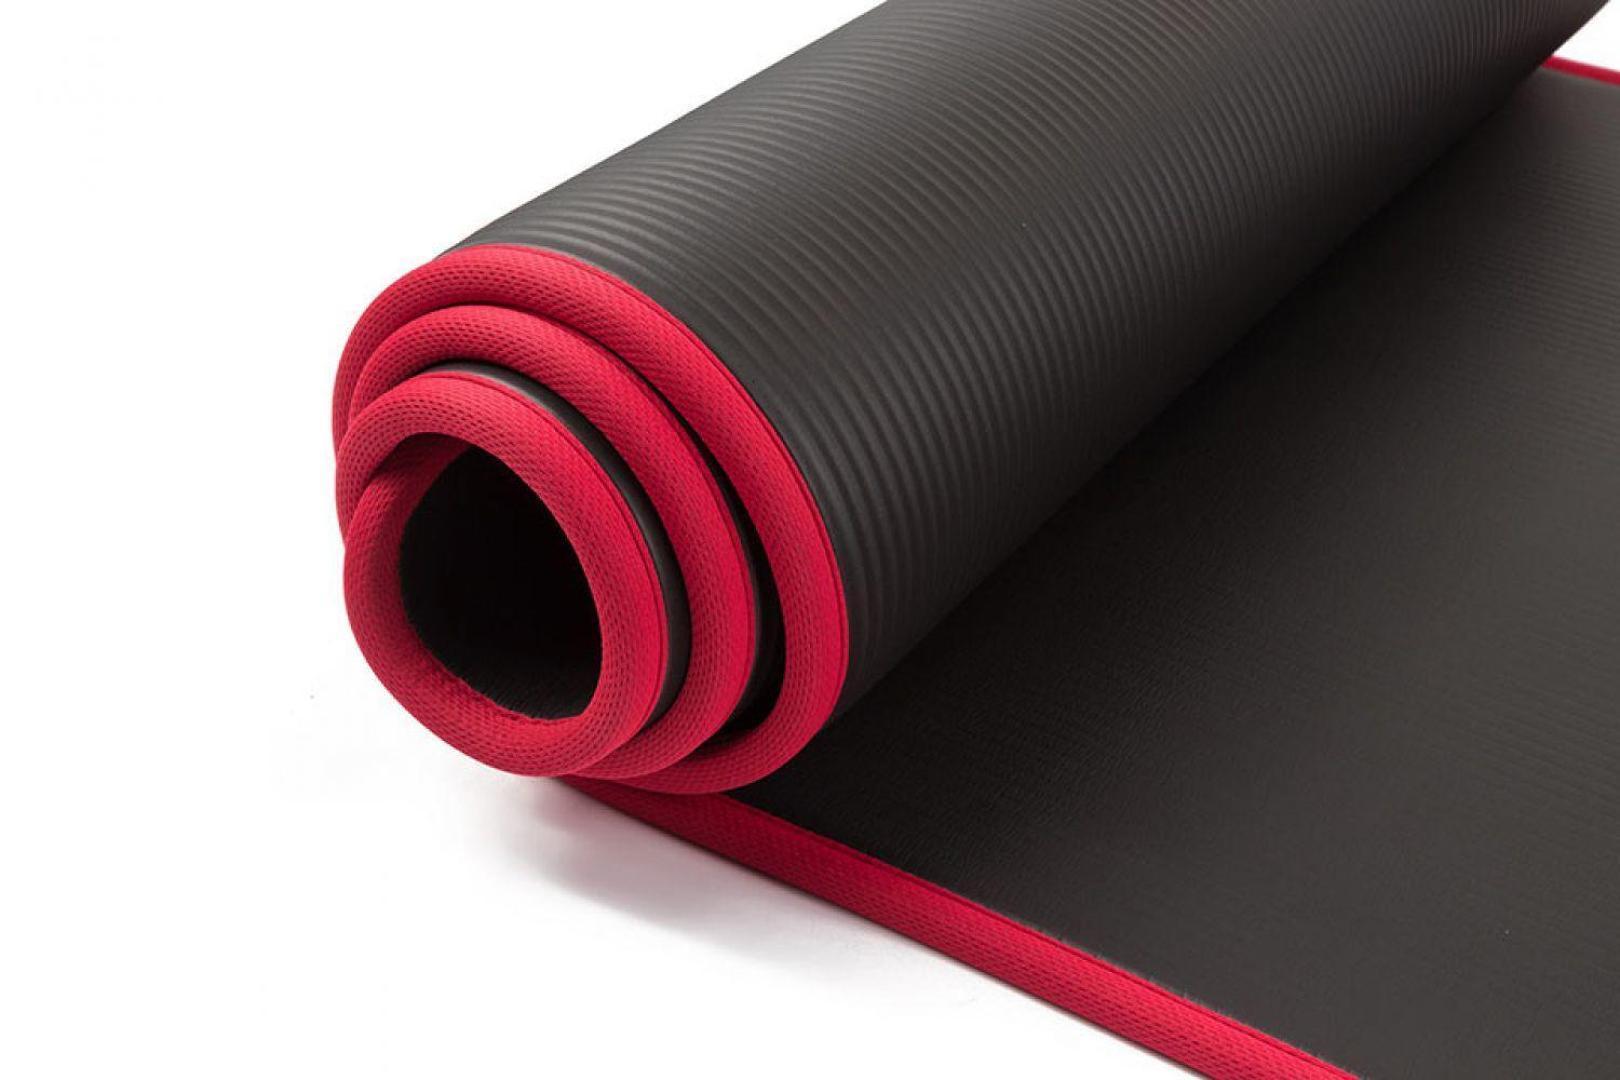 Acheter 10 MM Extra Épais 183cmX61cm Haute Qualité NRB Tapis De Yoga  Antidérapants Pour La Remise En Forme Tasteless Pilates Gym Tapis  D exercice Avec ... d125c74191a